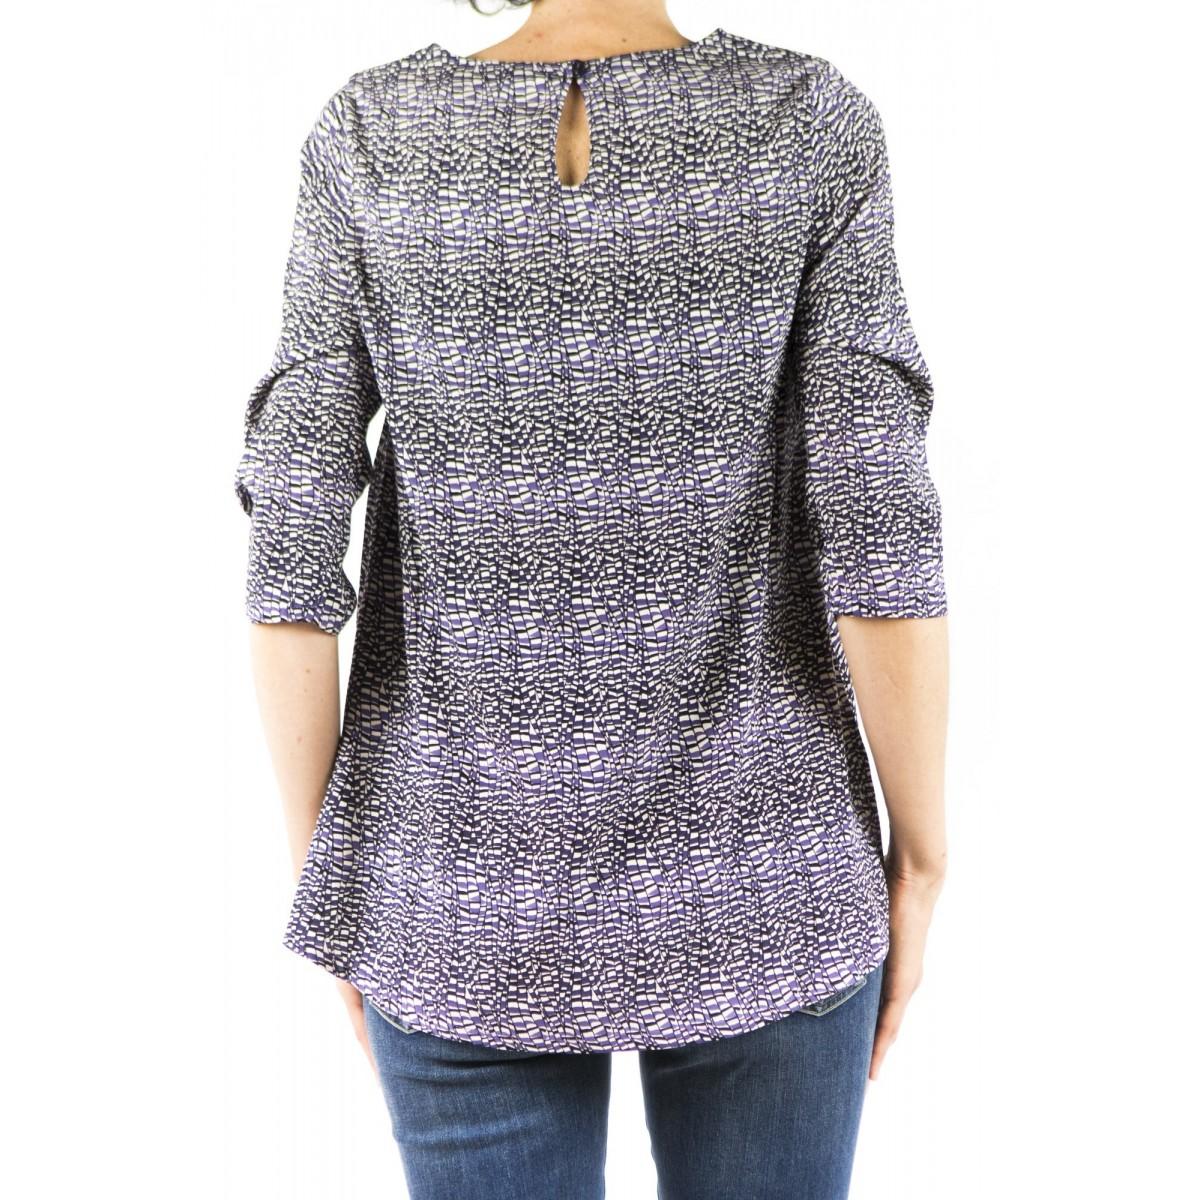 Camicia donna Kangra - 9908/90 camicia seta 51 - MELANZANA